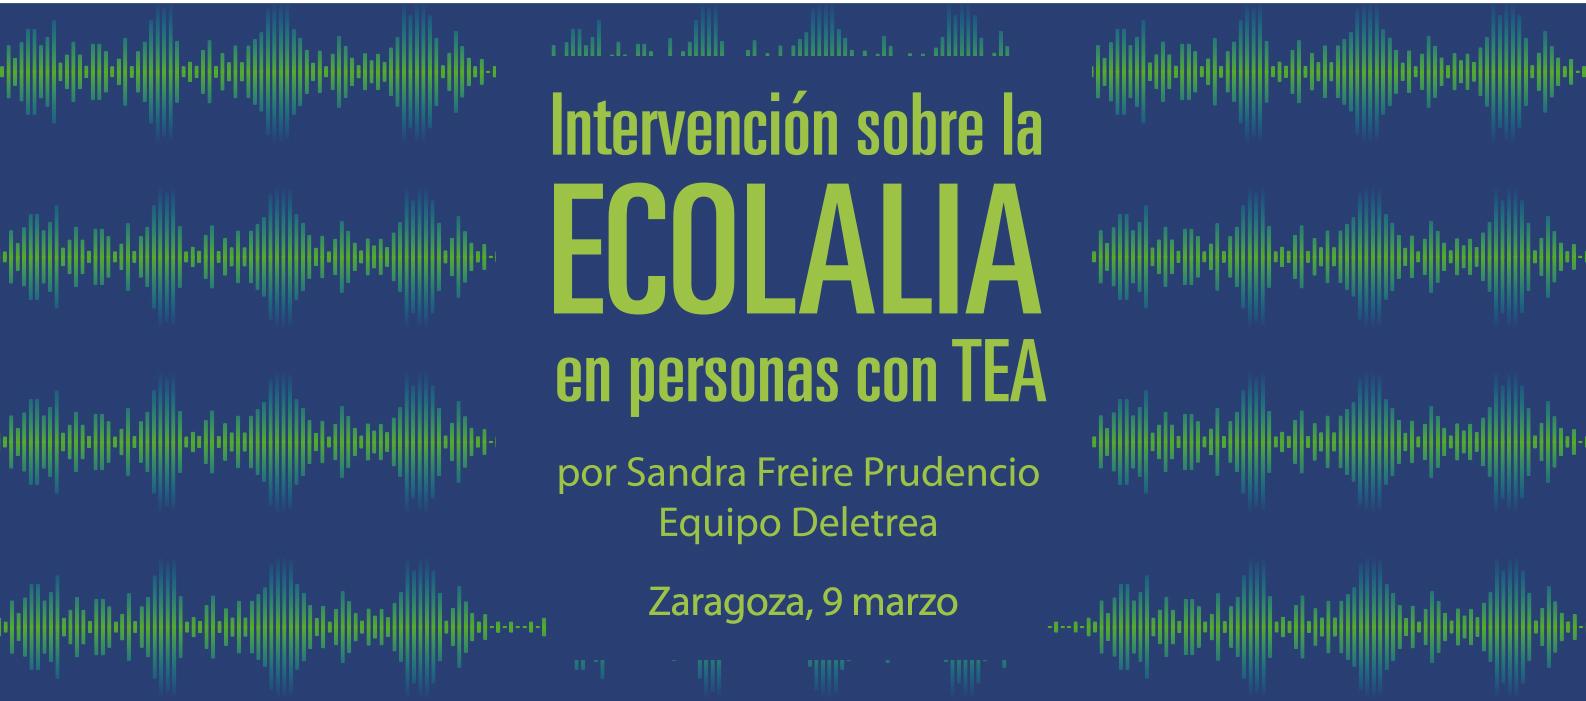 Intervención sobre la Ecolalia en personas con TEA